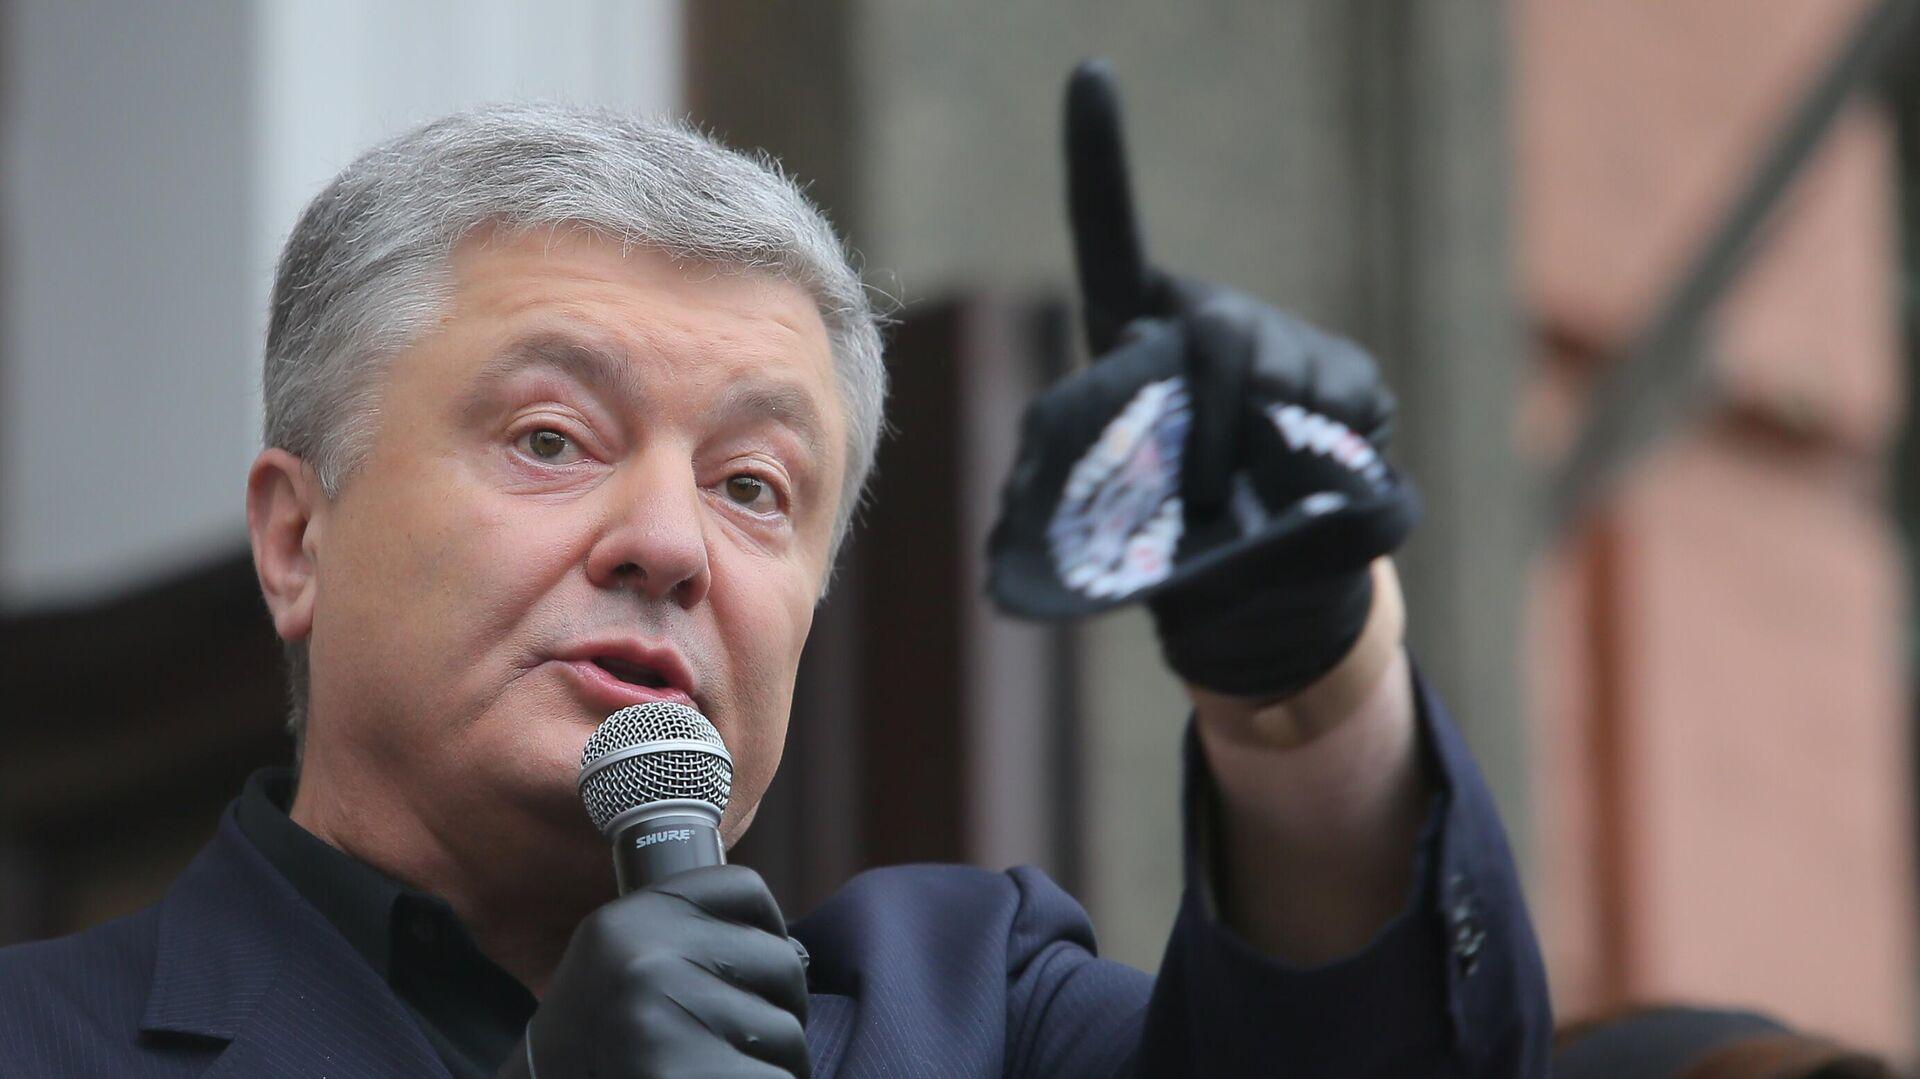 Петр Порошенко выступает у здания Печорского районного суда - РИА Новости, 1920, 01.03.2021